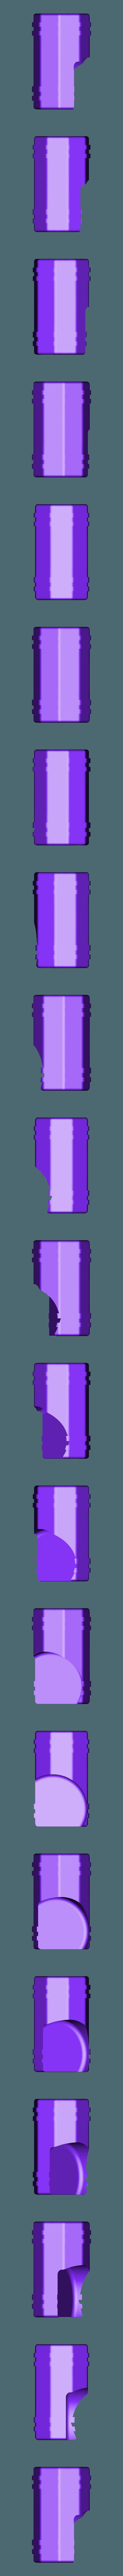 Calf-Right-Silver.stl Télécharger fichier STL gratuit Big Optimus Prime! - Modèle multi-matériaux • Plan pour imprimante 3D, ChaosCoreTech